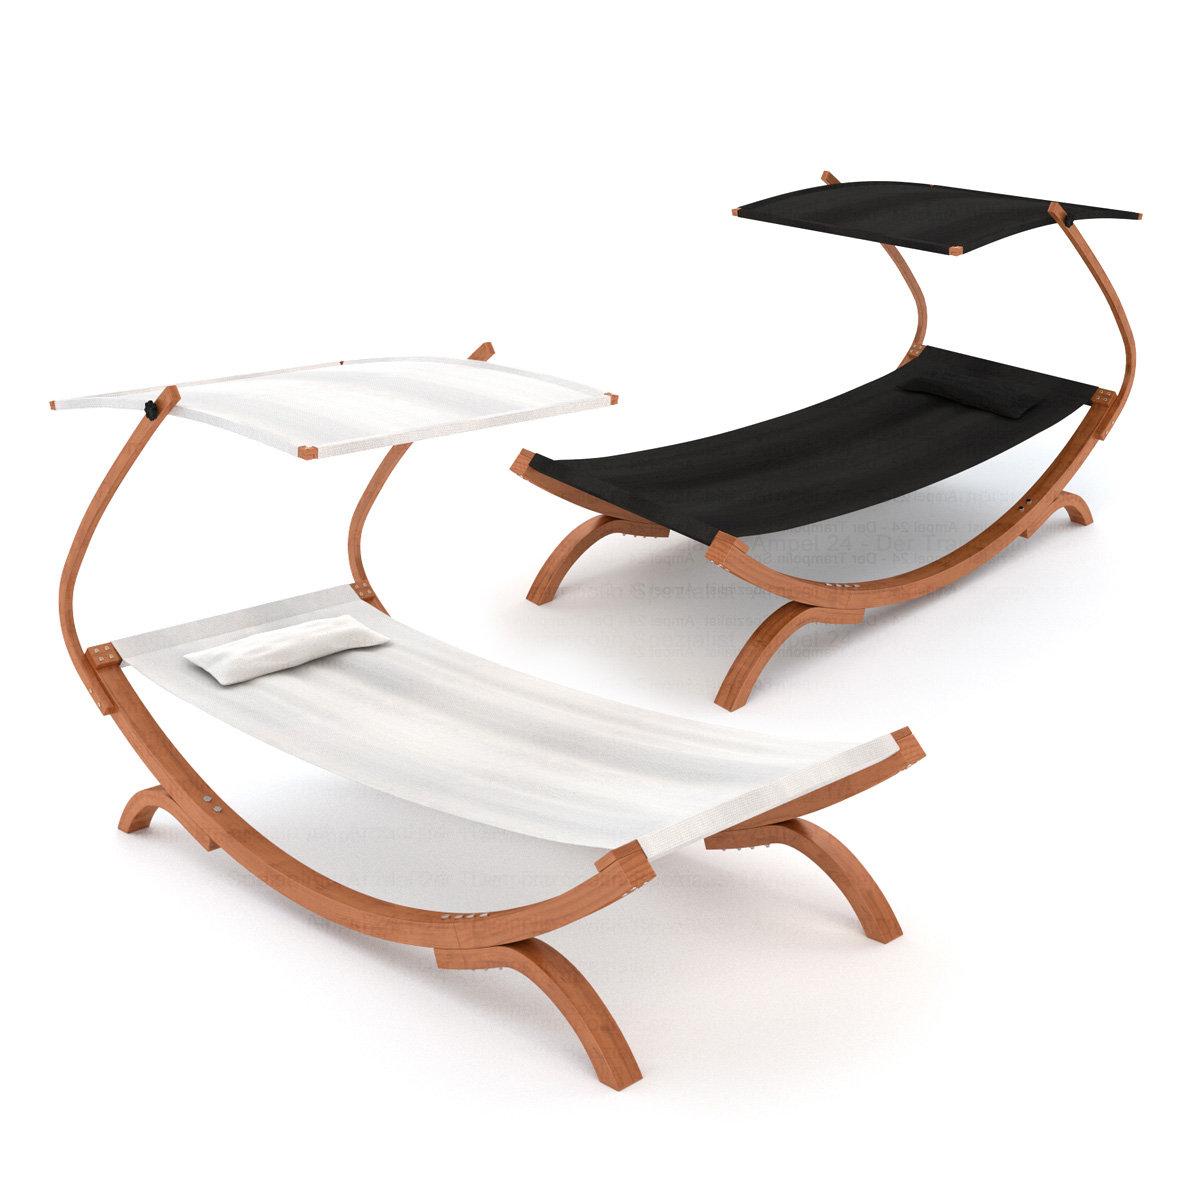 gartenliege panama mit sonnendach schwarz oder wei. Black Bedroom Furniture Sets. Home Design Ideas